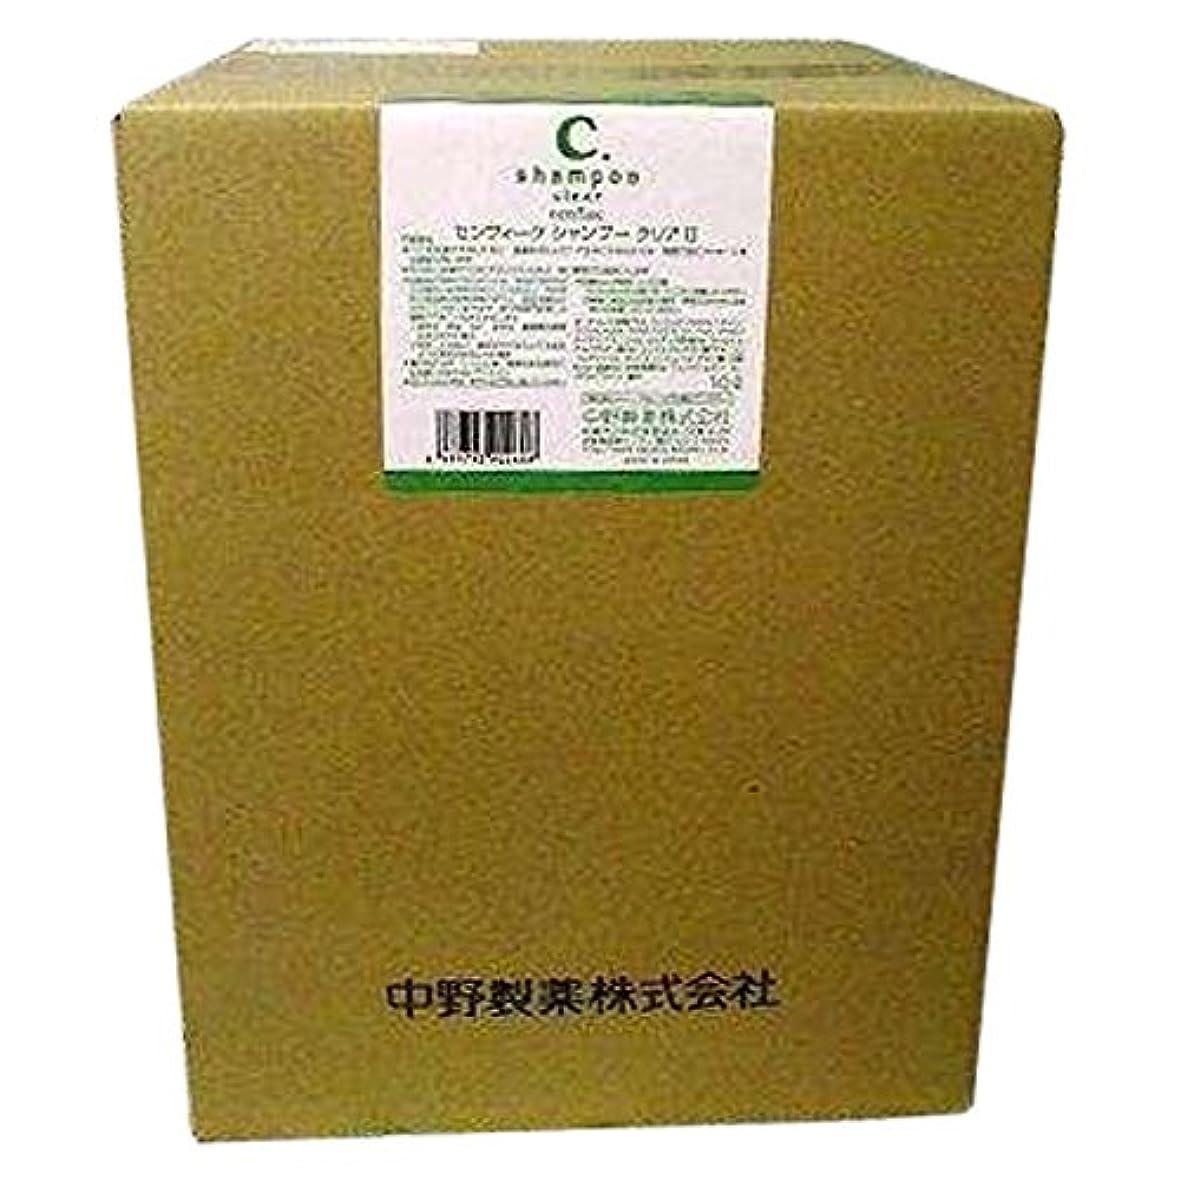 ハードリングアライメント前提条件中野製薬 センフィーク シャンプー クリア2  10L